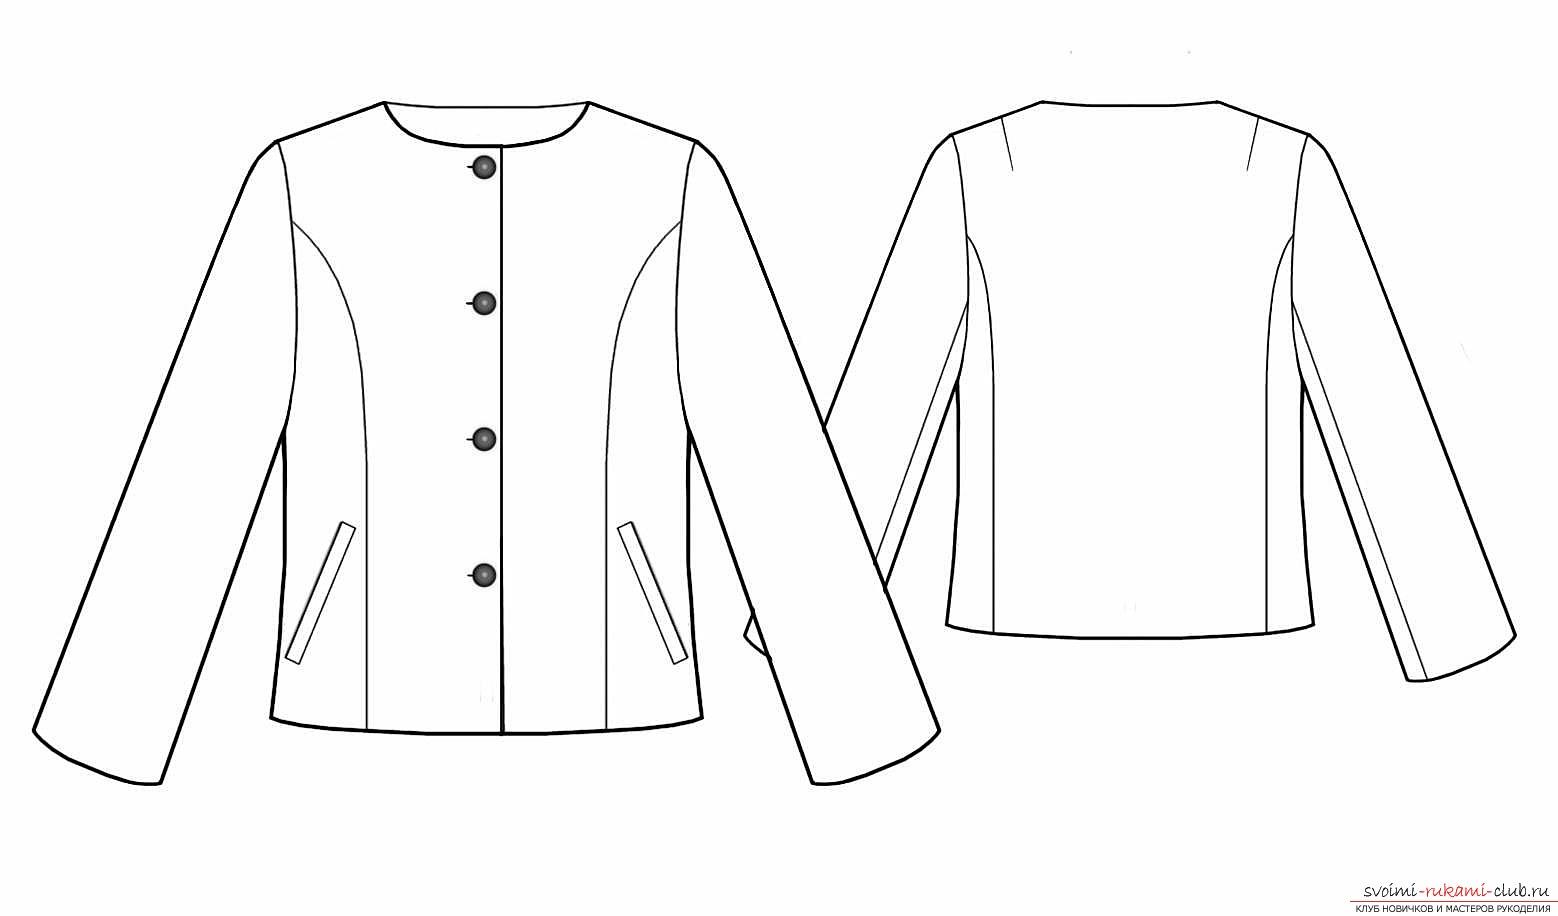 Выкройка женских курток - стильный и бюджетный вариант